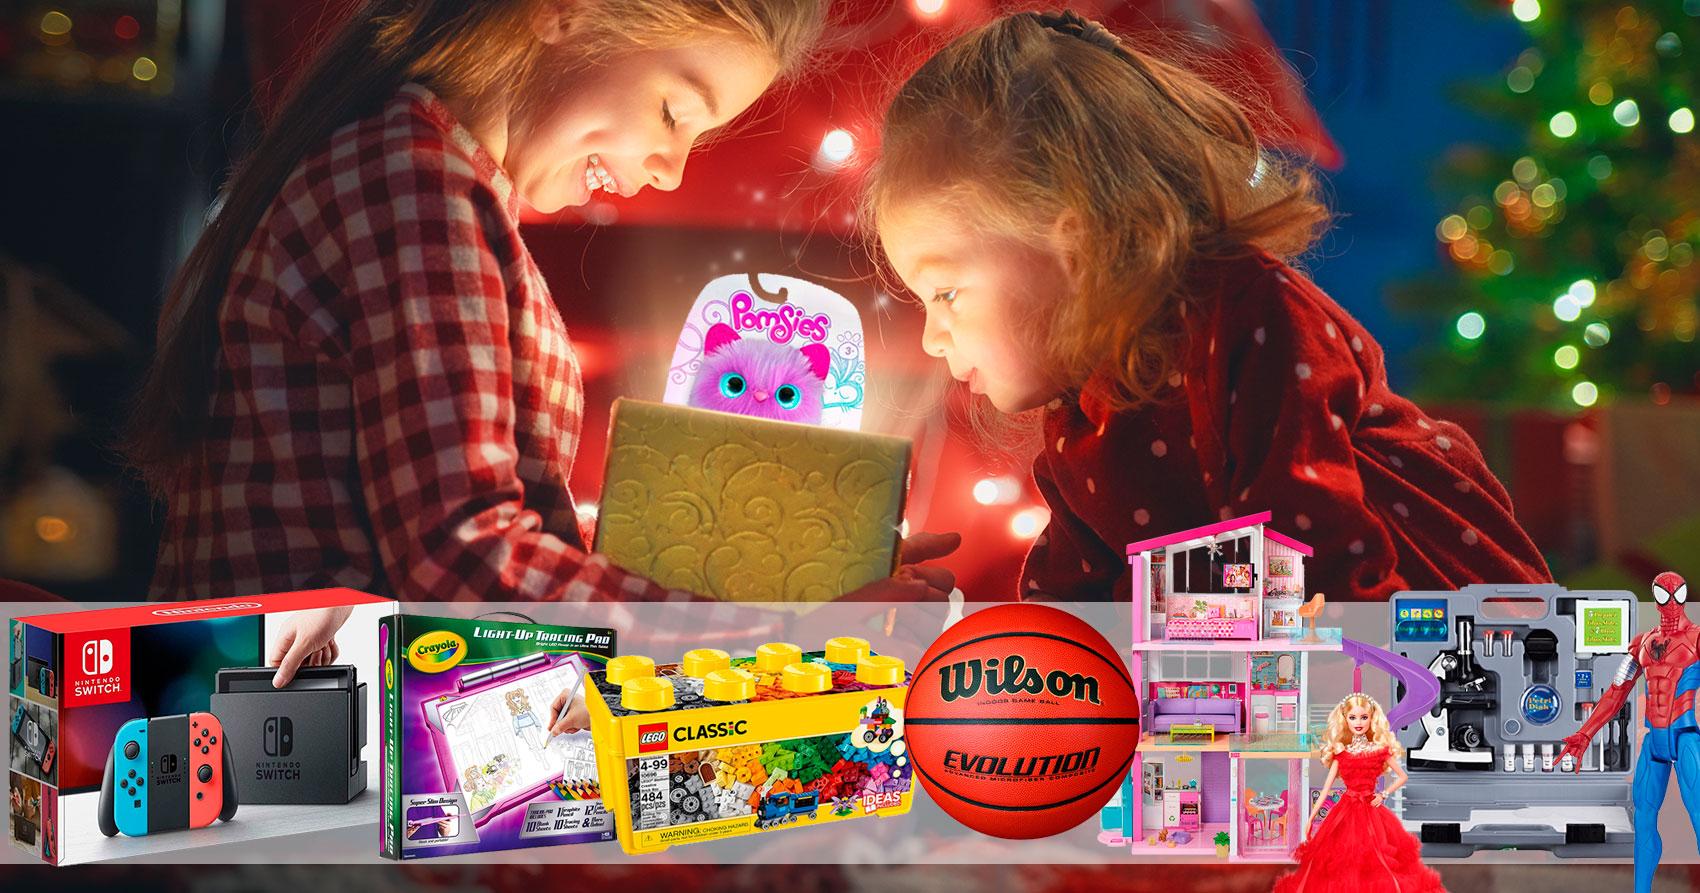 Juguetes Para Ecosbox Lista Esta 2018 La Navidad Amazon De TwPkXuiZO